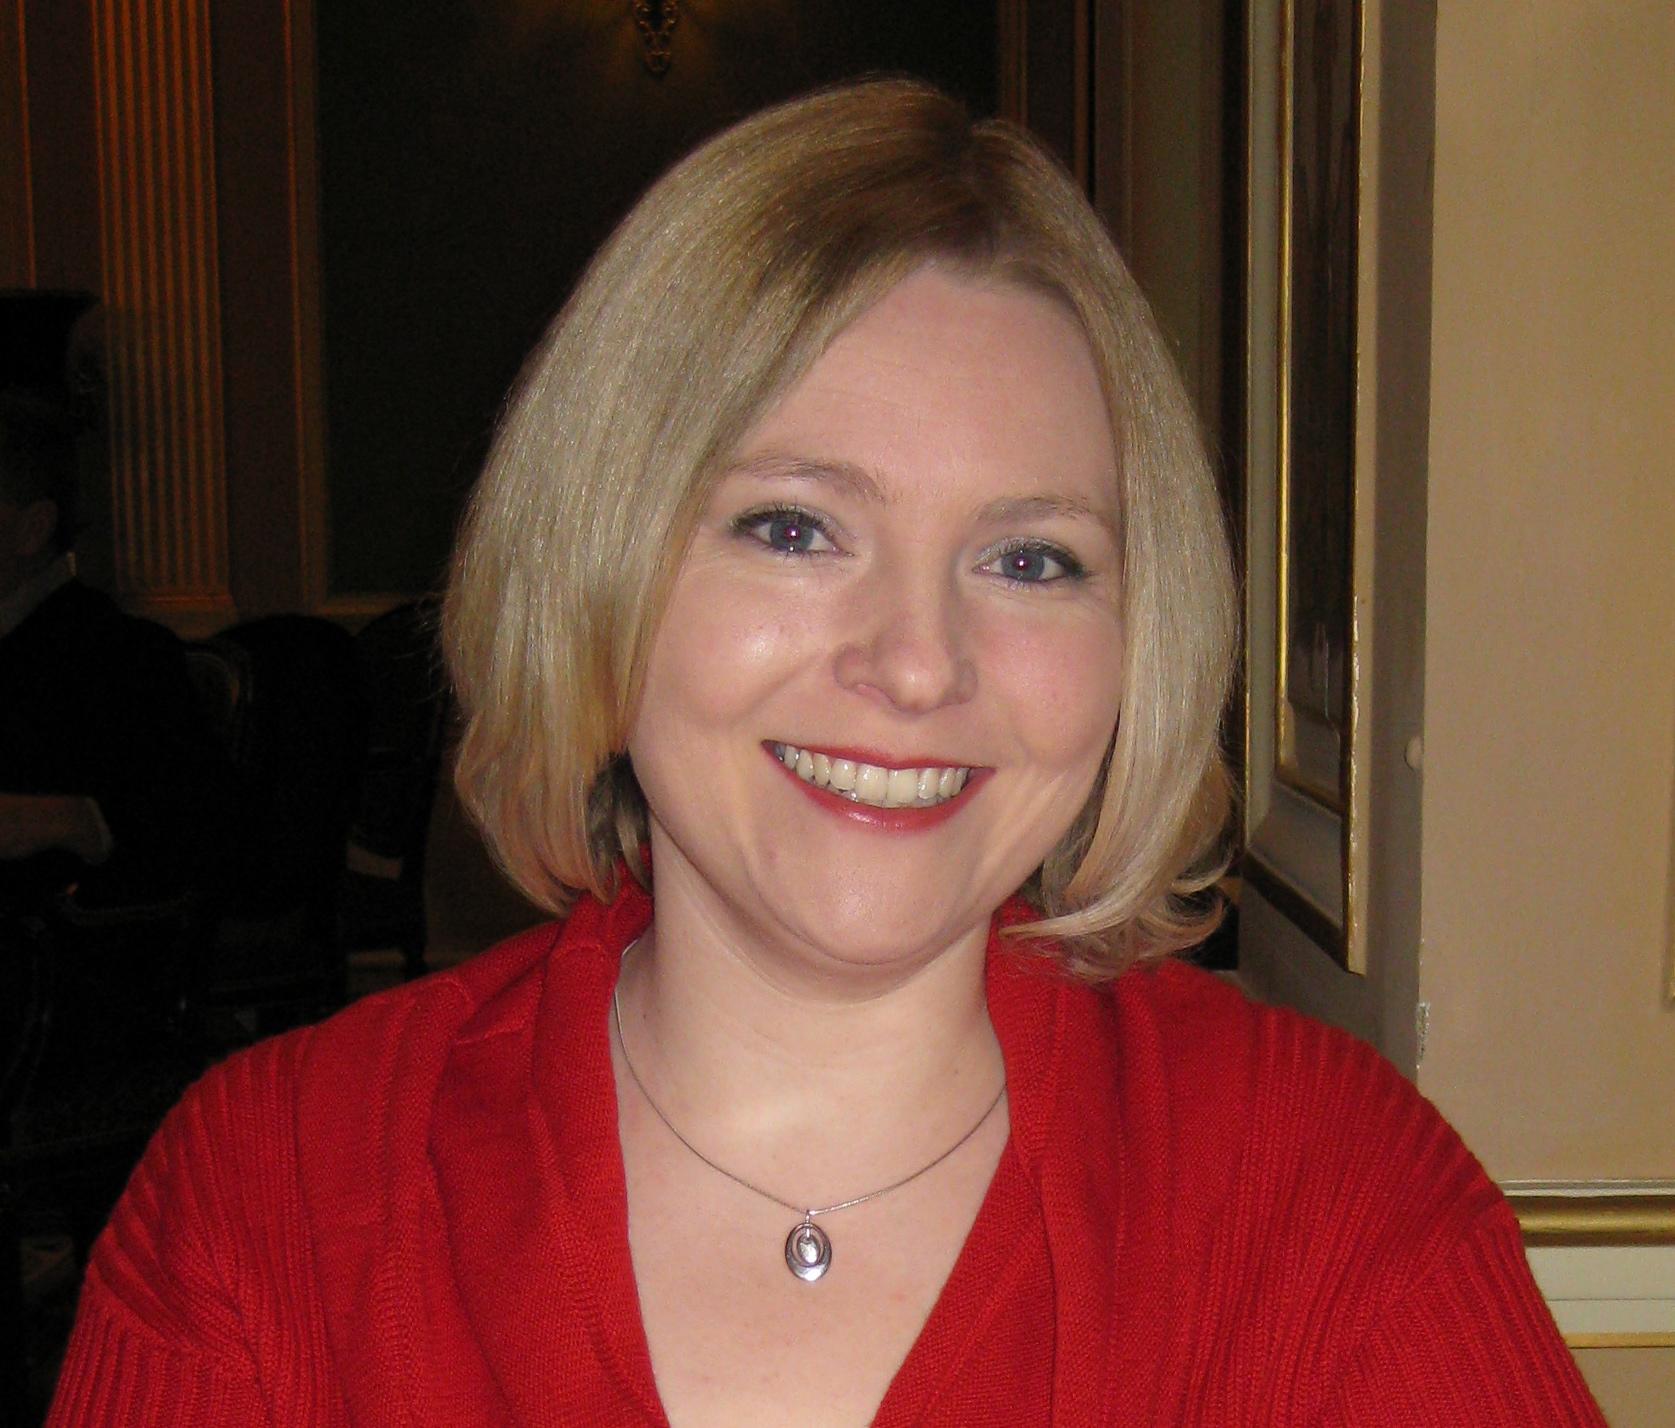 Sarah Viehbeck